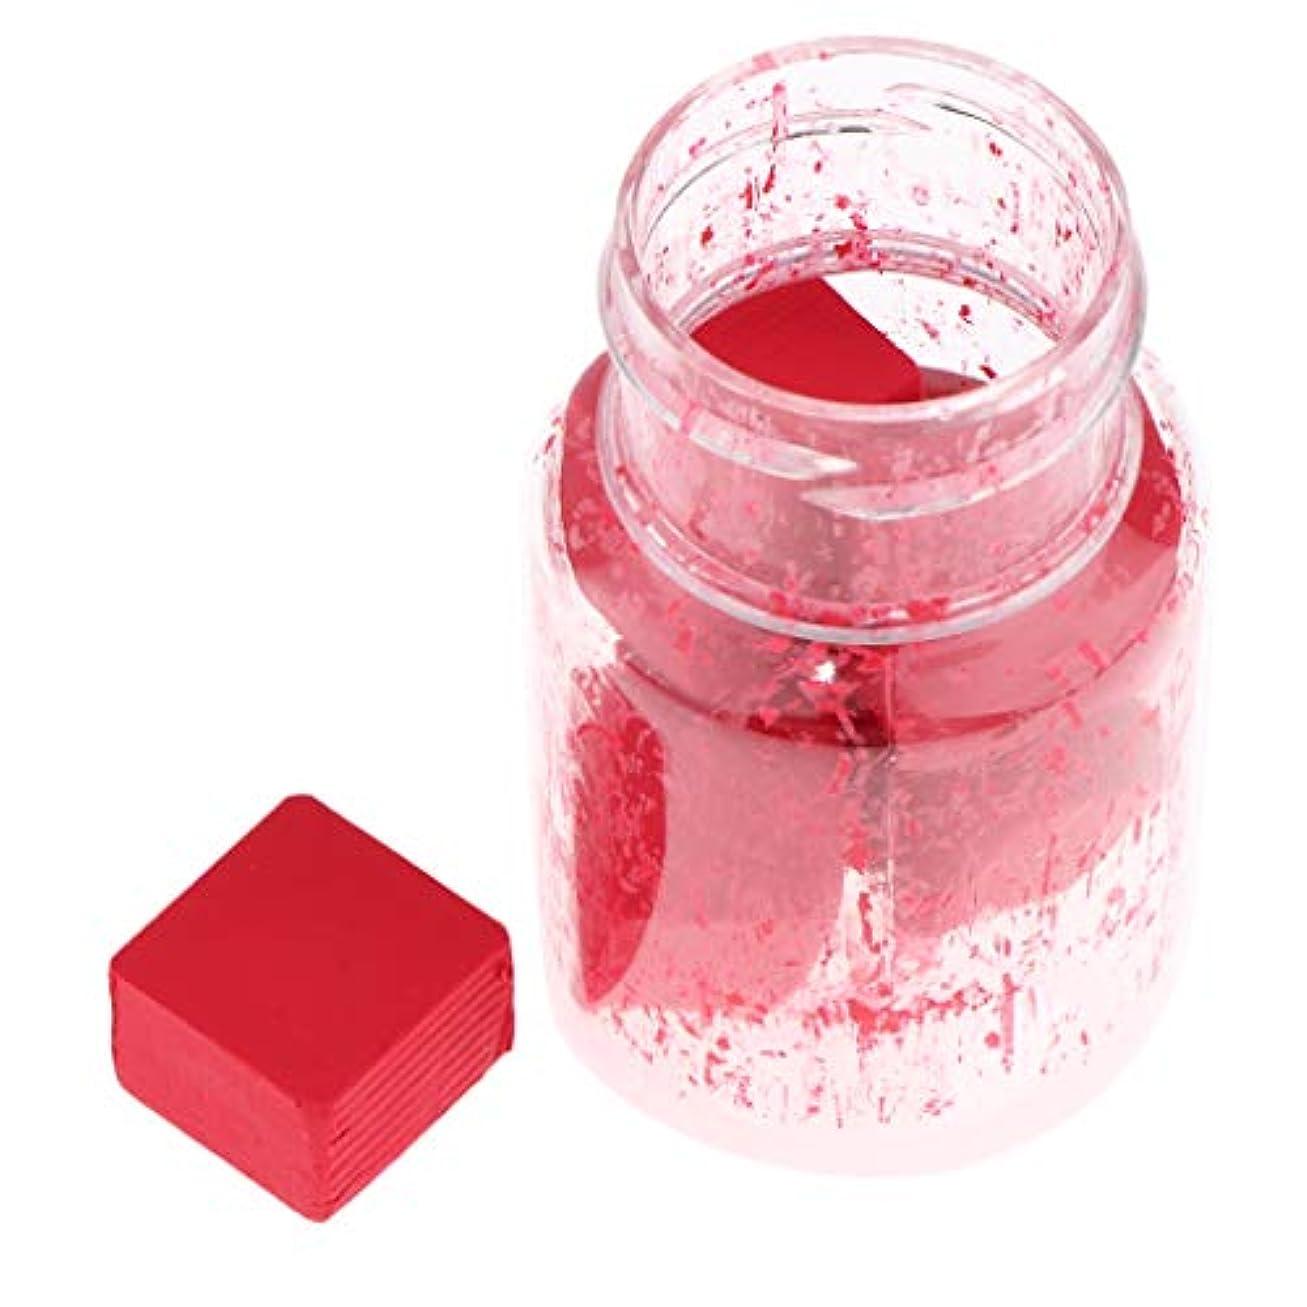 豊かな称賛若いDIY 口紅作り リップスティック材料 リップライナー顔料 2g DIY化粧品 9色選択でき - B